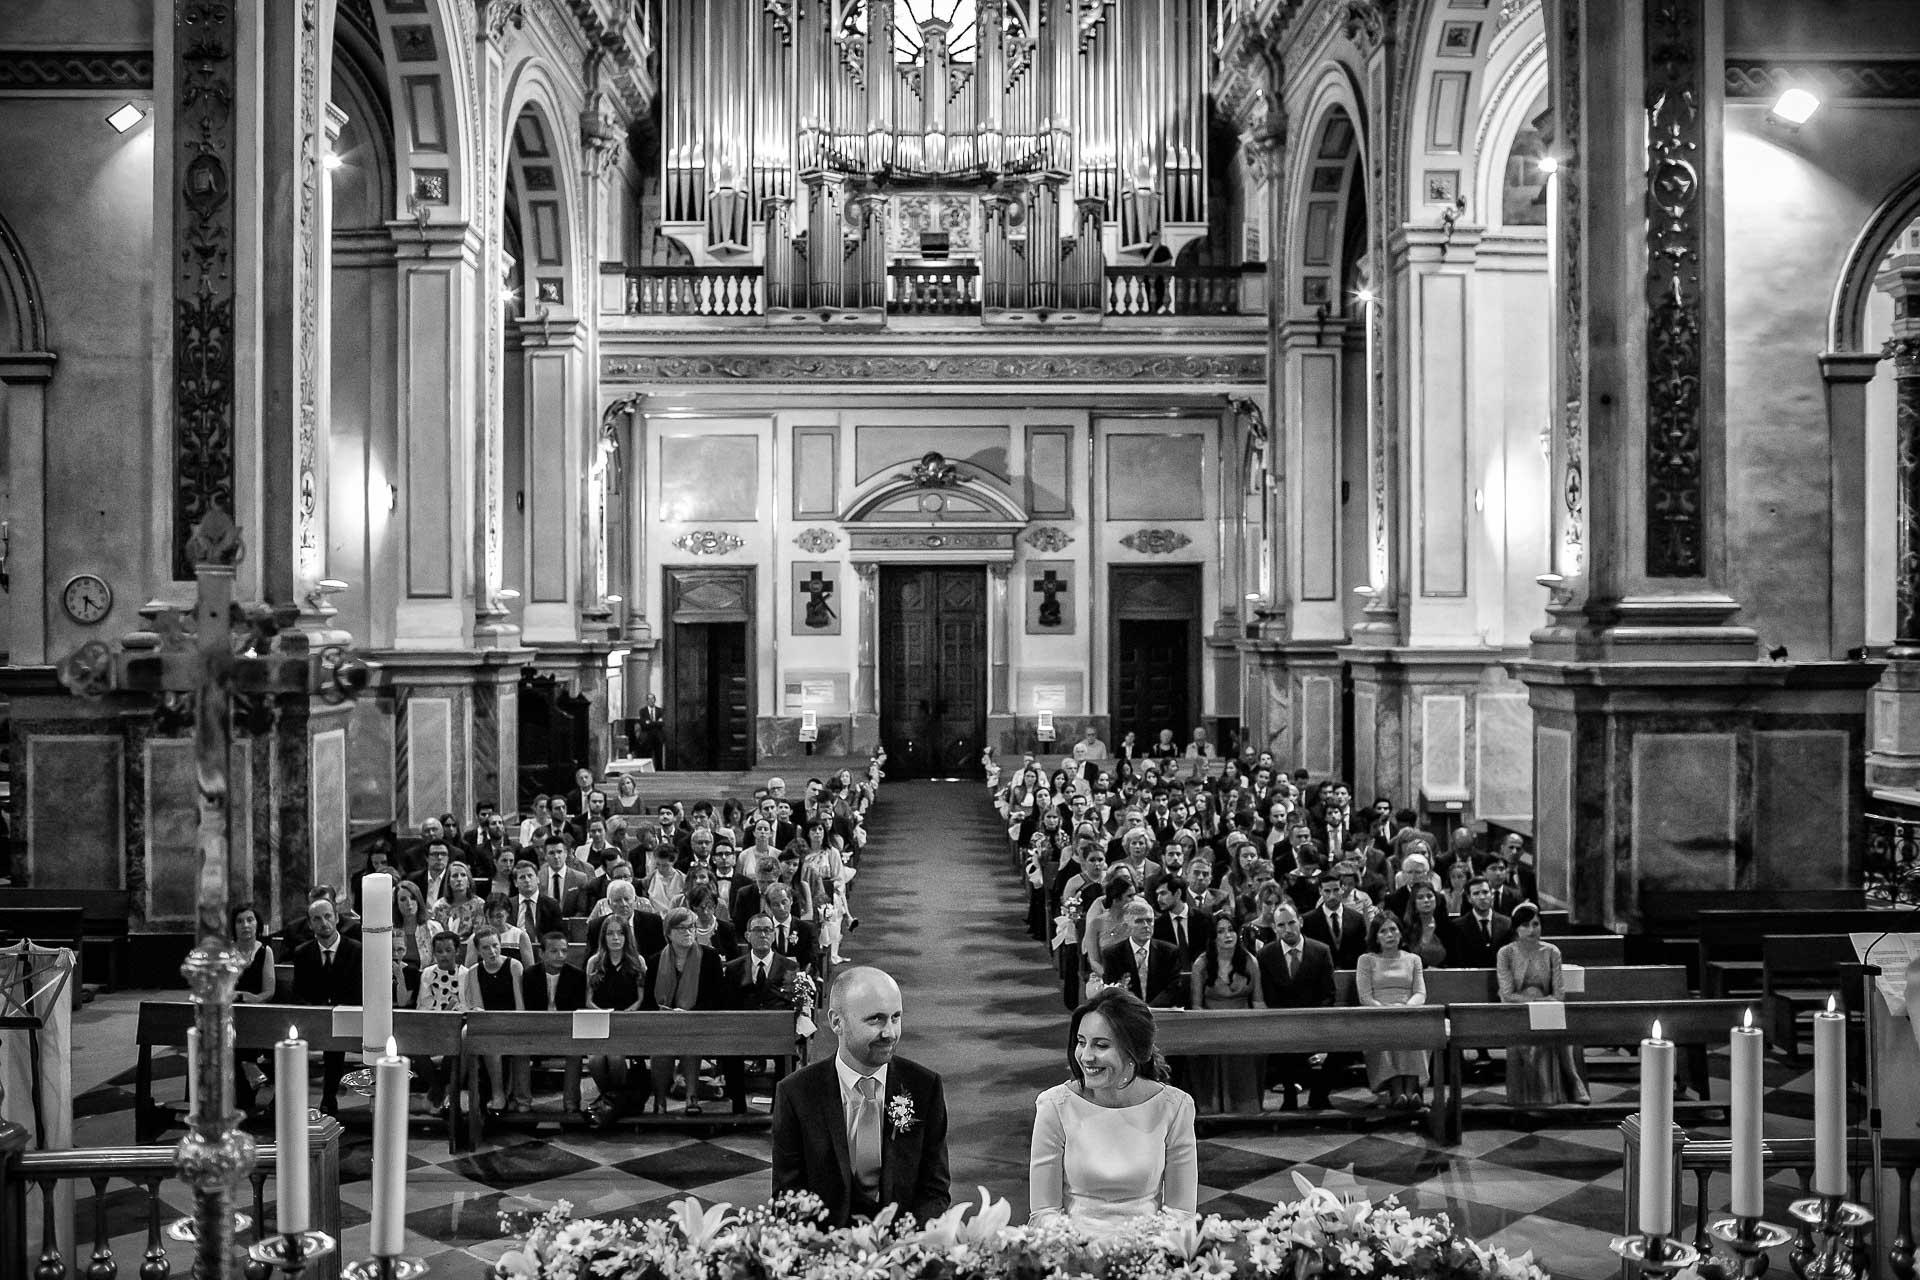 Reportaje Boda en Masía Xamandreu Blanca y Athur. Iglesia del Sagrado Corazón de Jesús de la Compañía. Christian Roselló Fotógrafo de Bodas en Valencia.